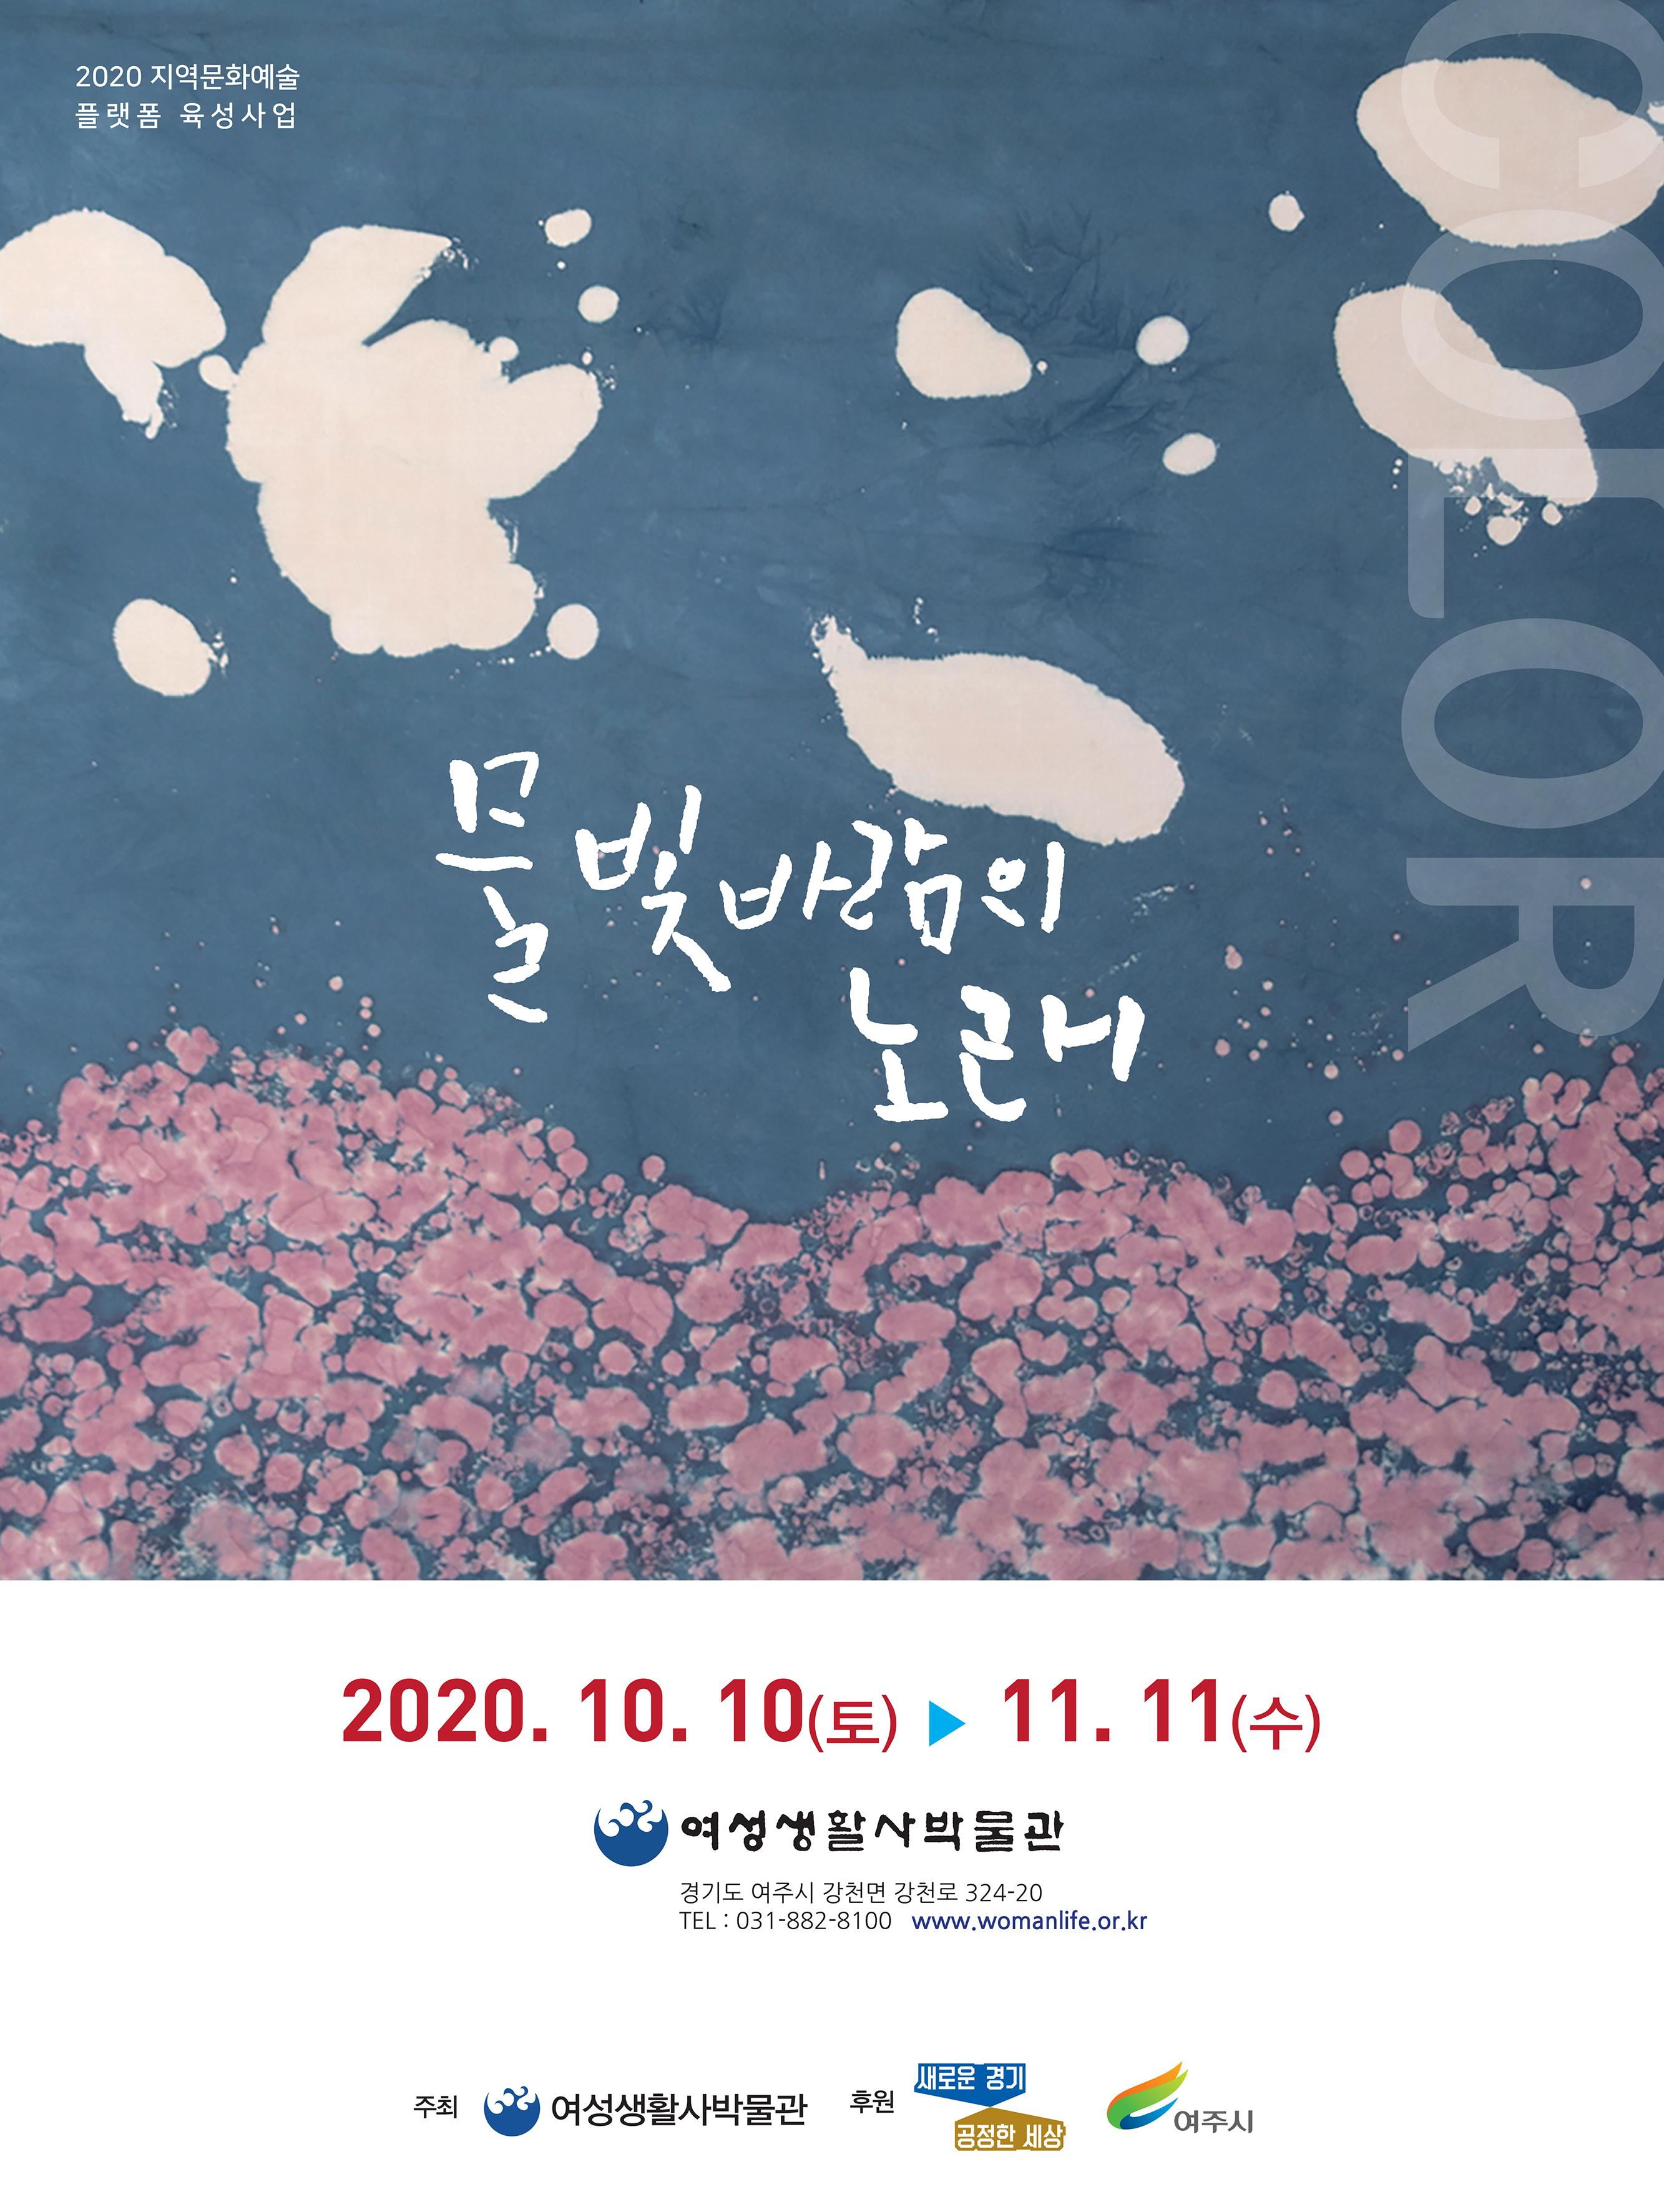 여성생활사박물관 특별 기획전 Color(물, 빛, 바람의 노래) 전시 개최